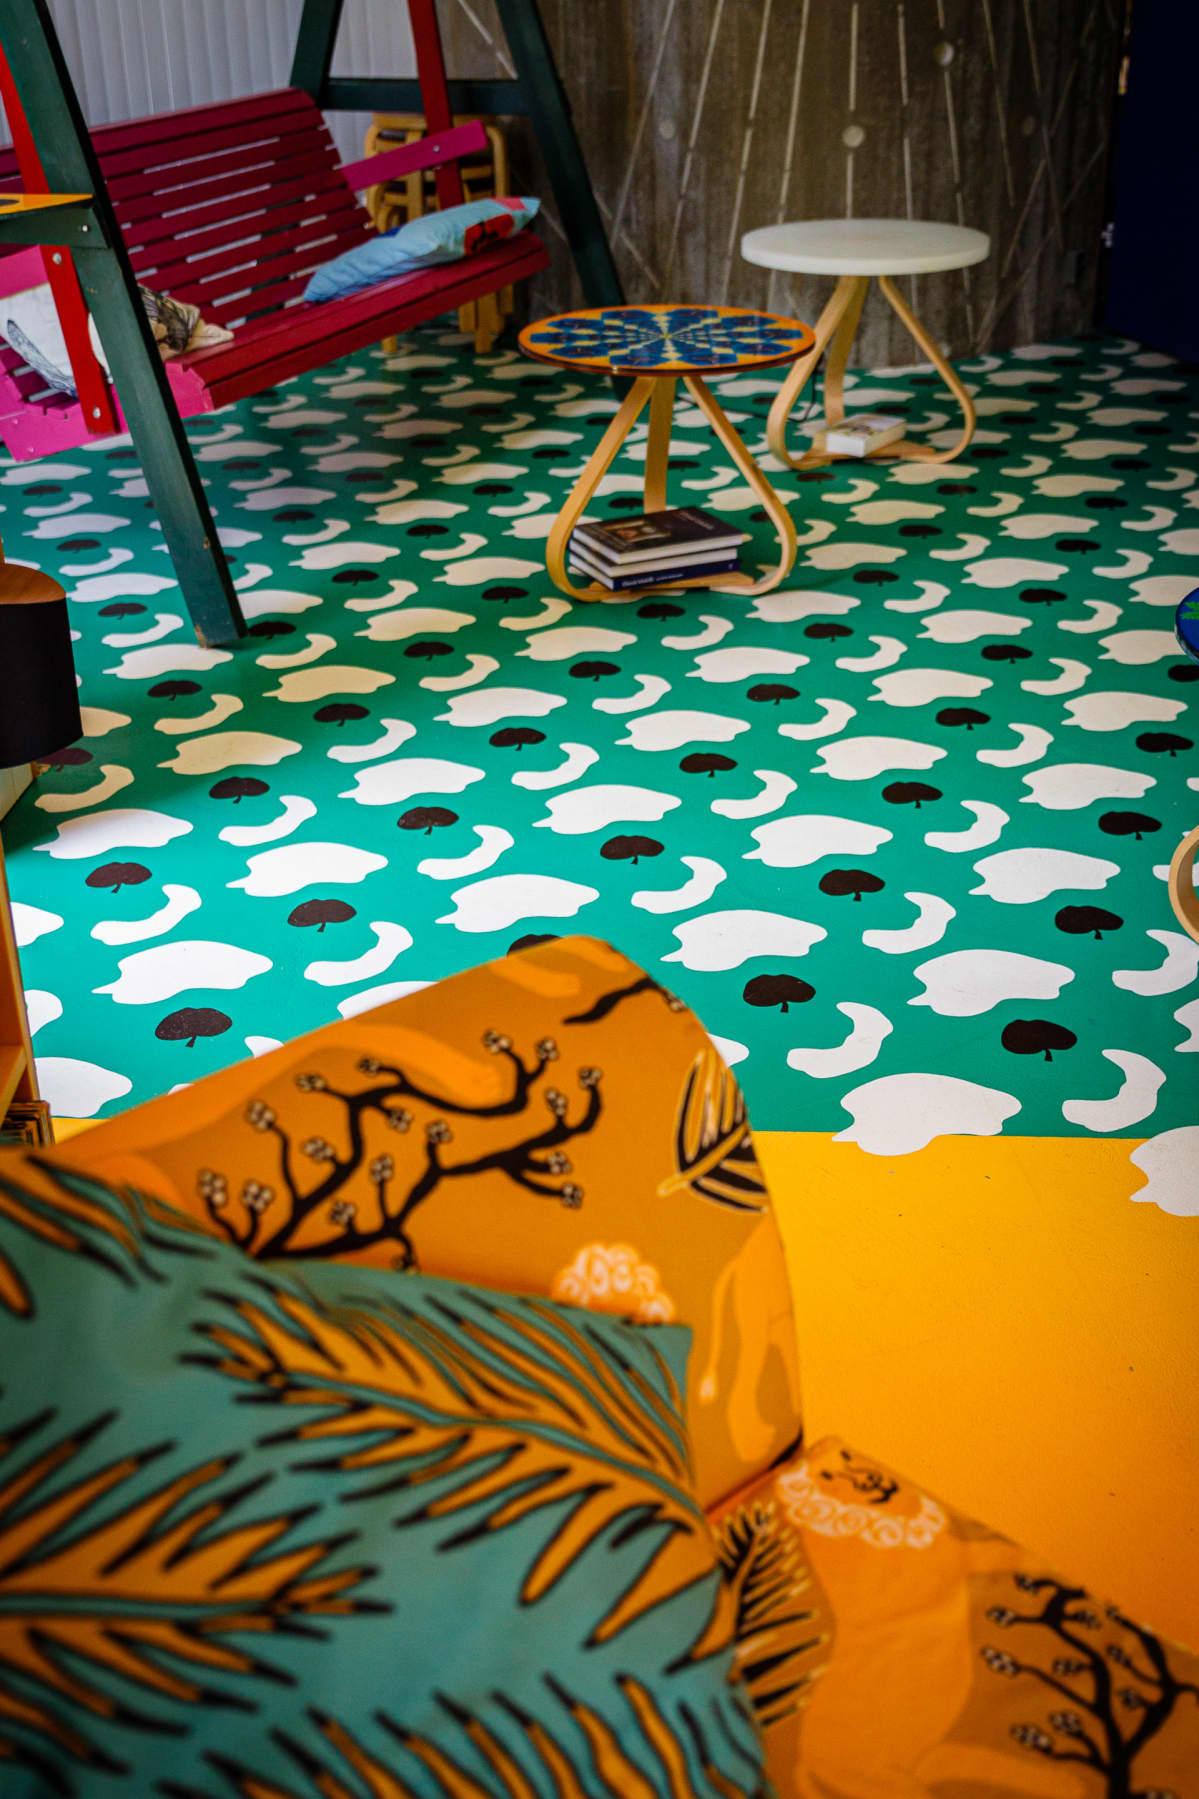 Värikäs kuviollinen lattia ja sisustus Lehtitalossa